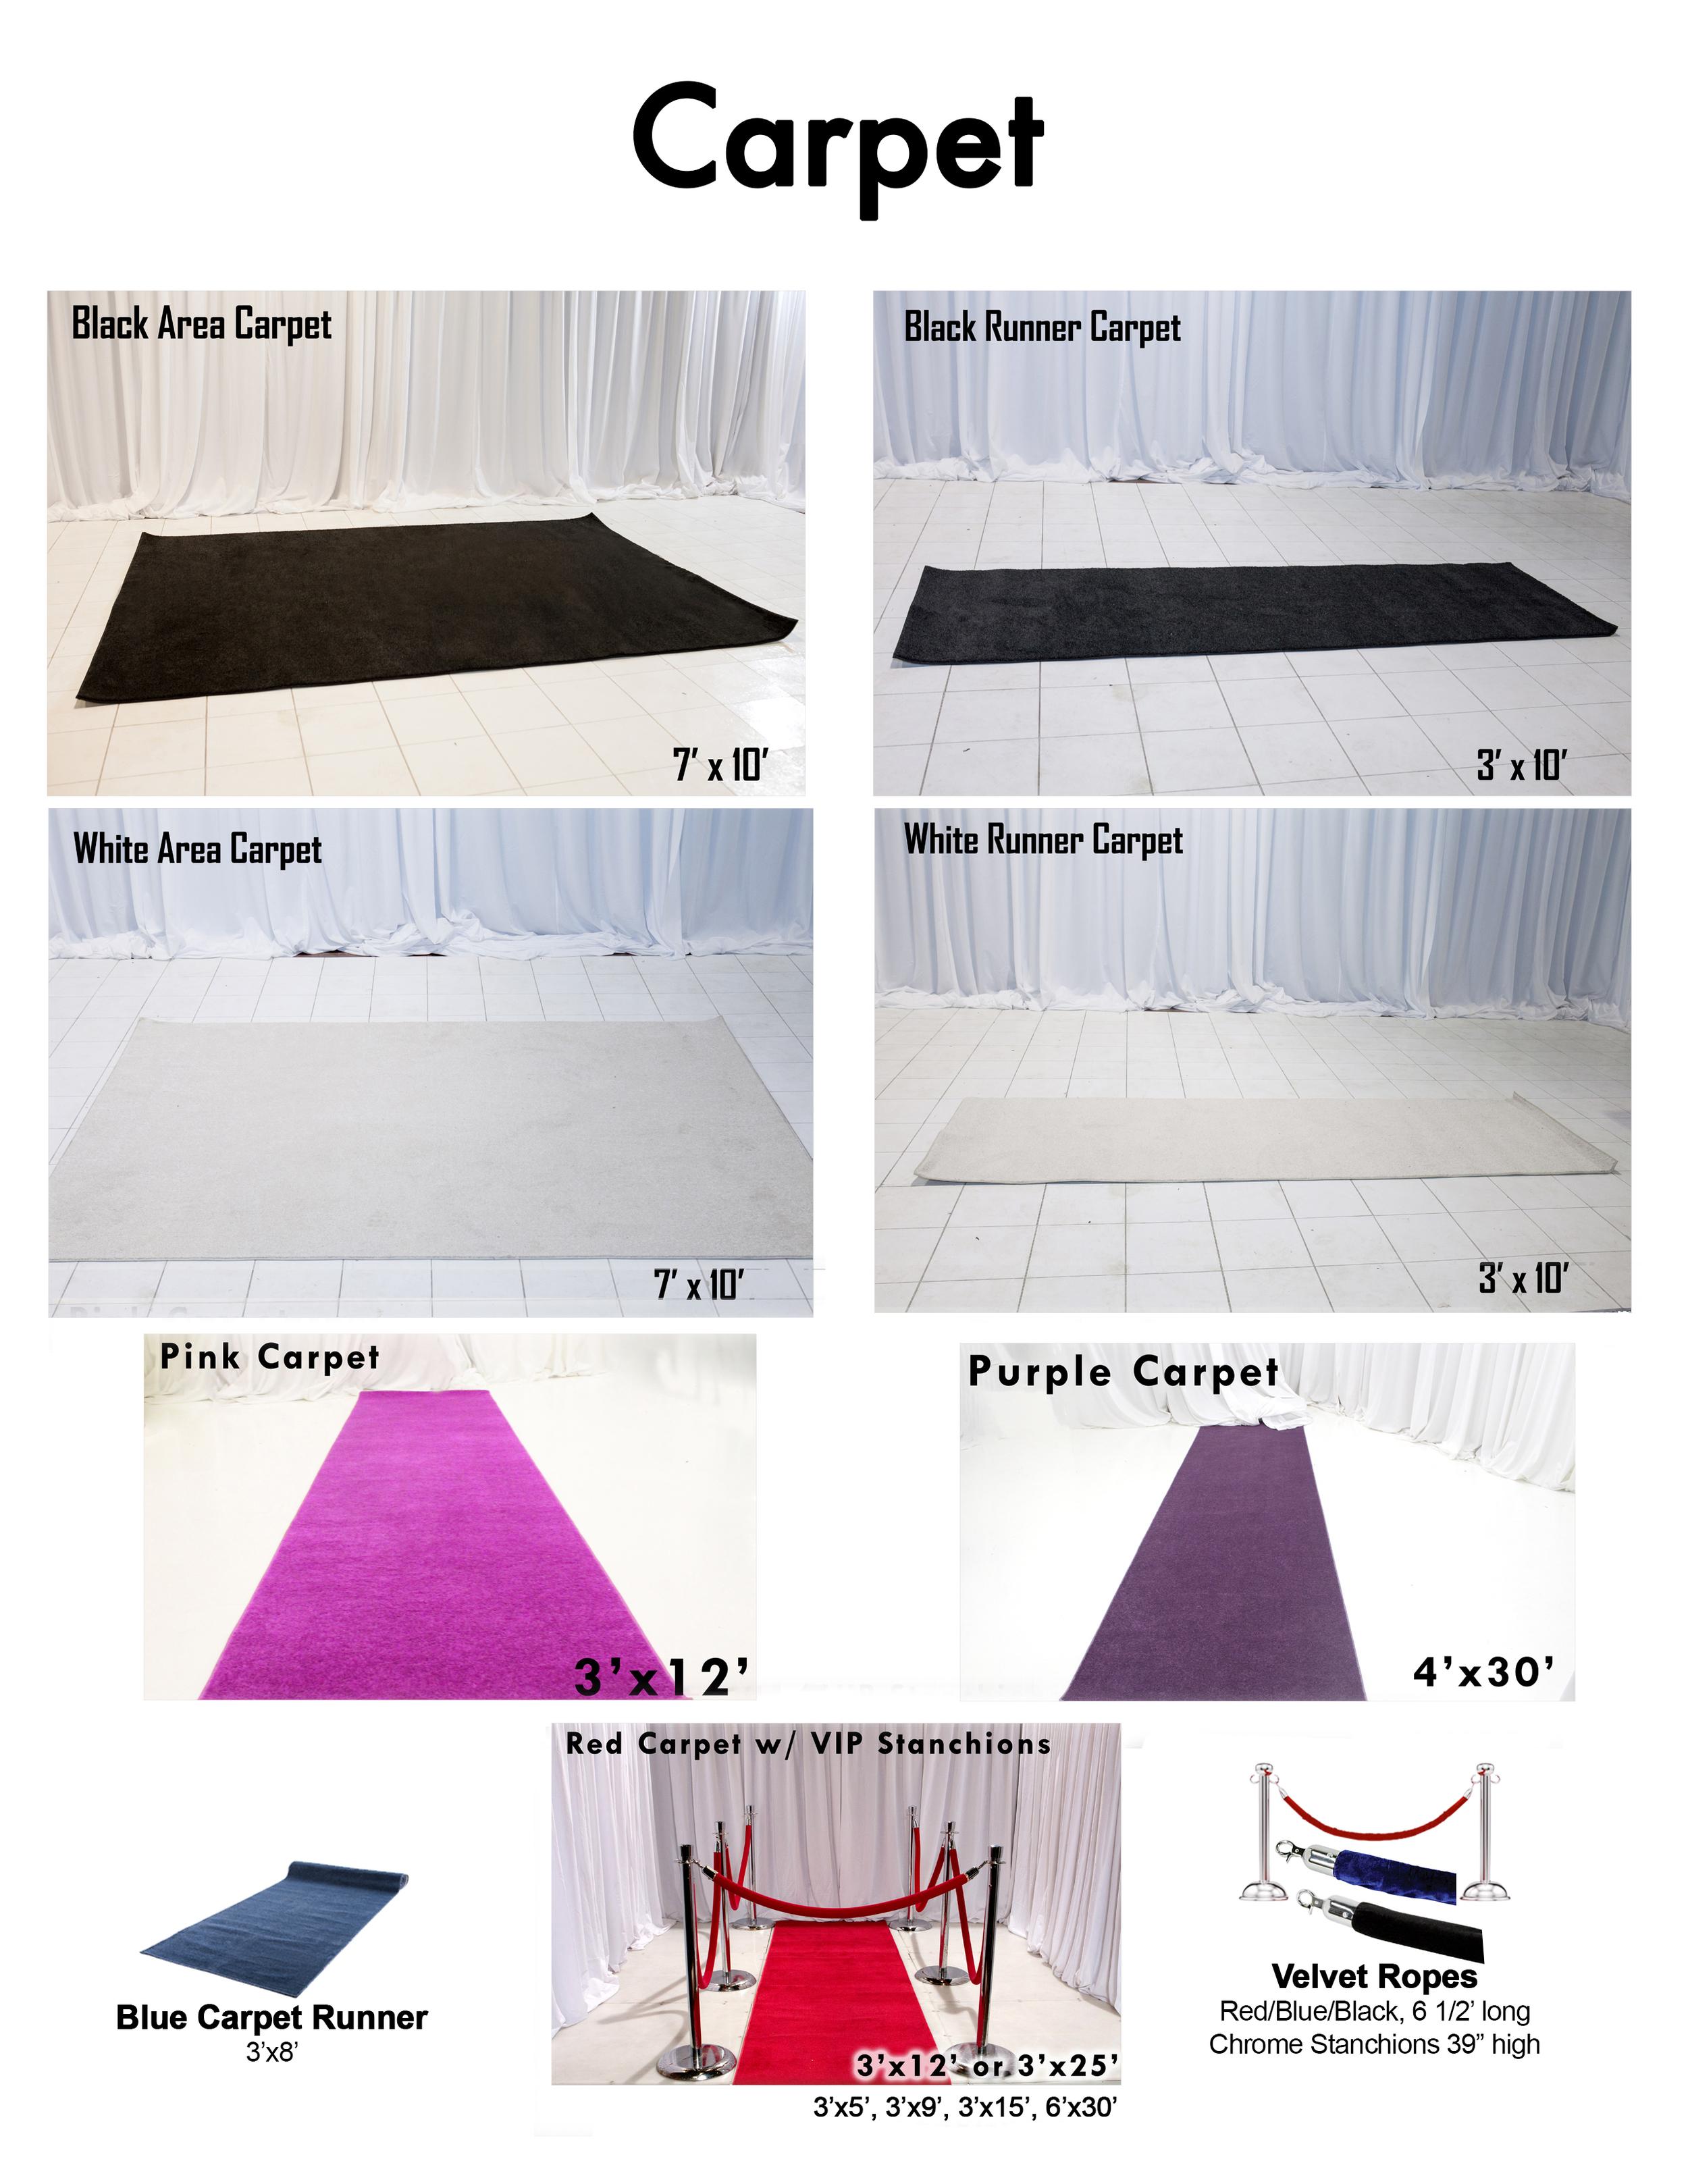 P39_Carpet.jpg